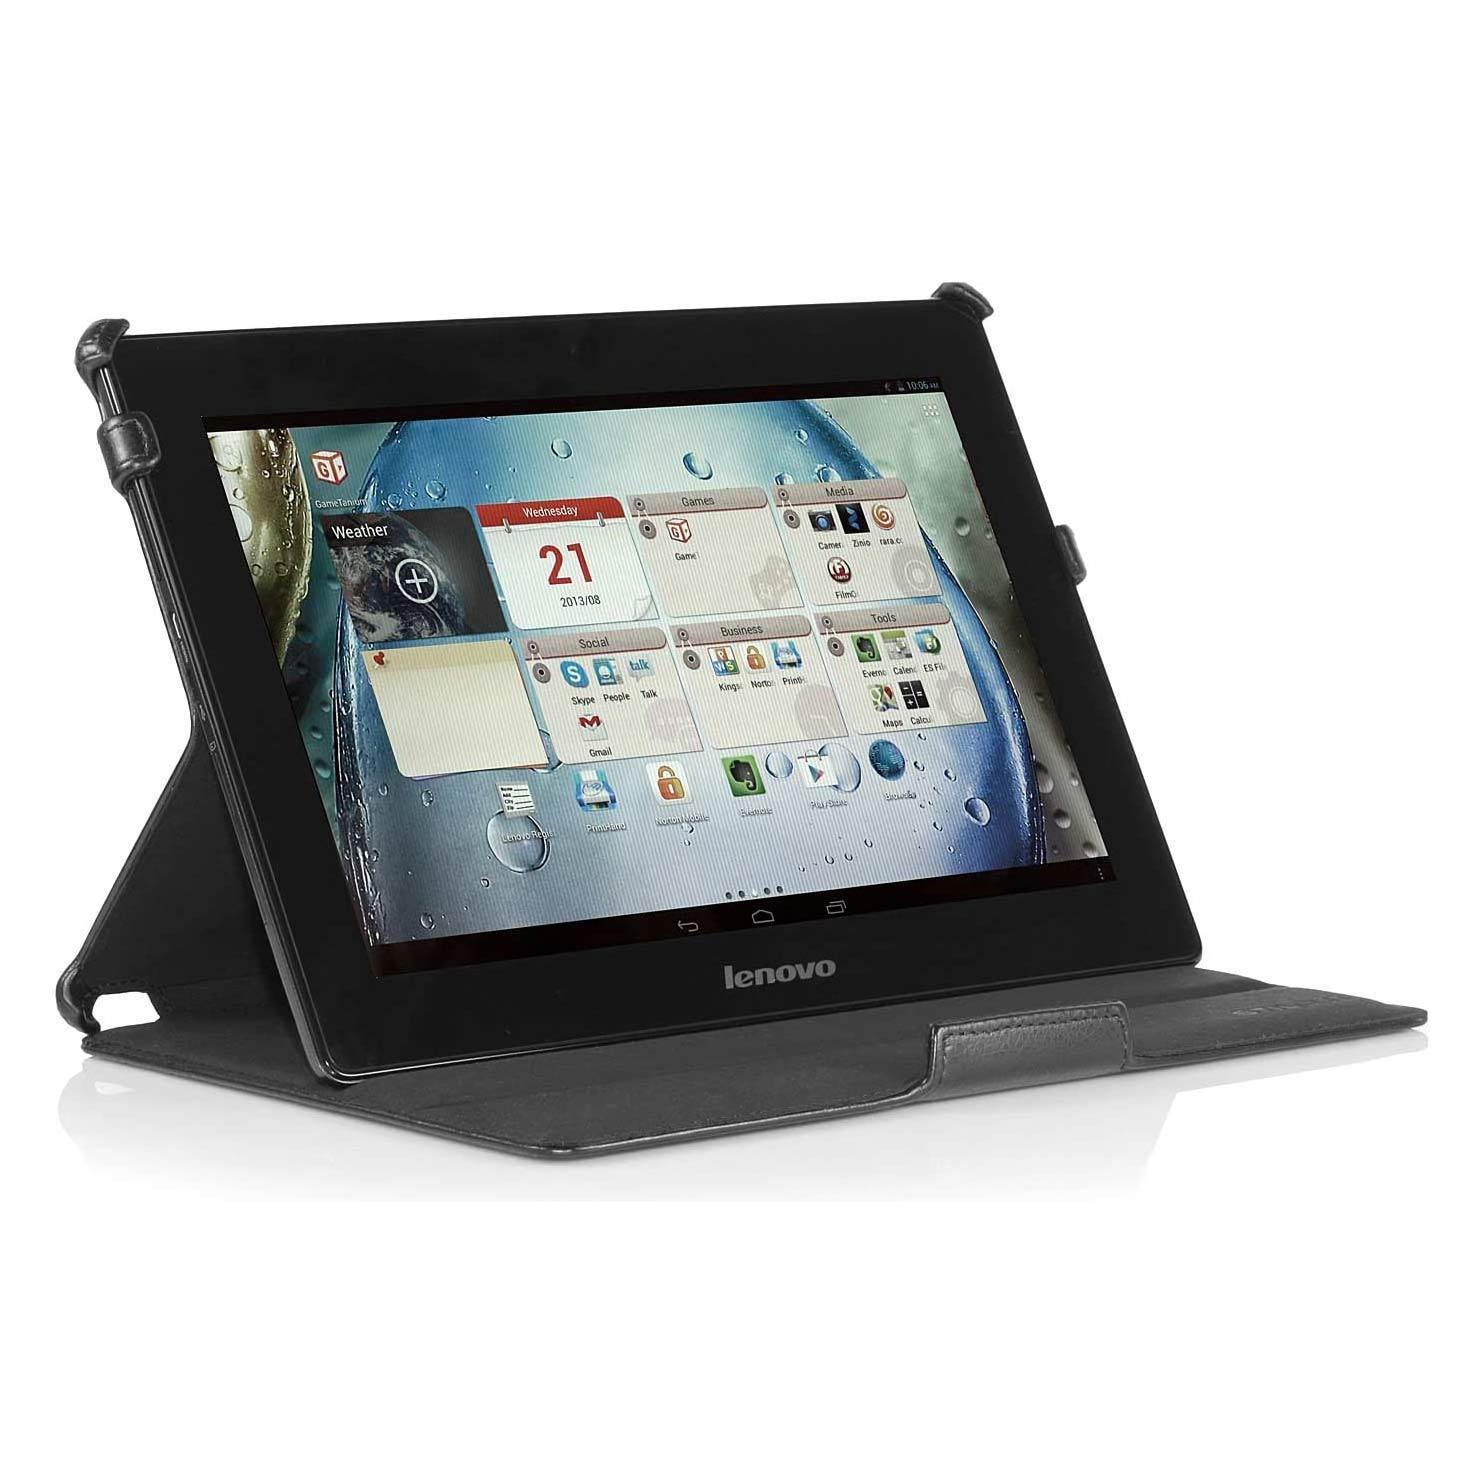 کیف تبلت لنوو 10 اینچ S6000, گلس لنوو tab S6000 , نمایندگی فروش لوازم جانبی lenovo tab S6000